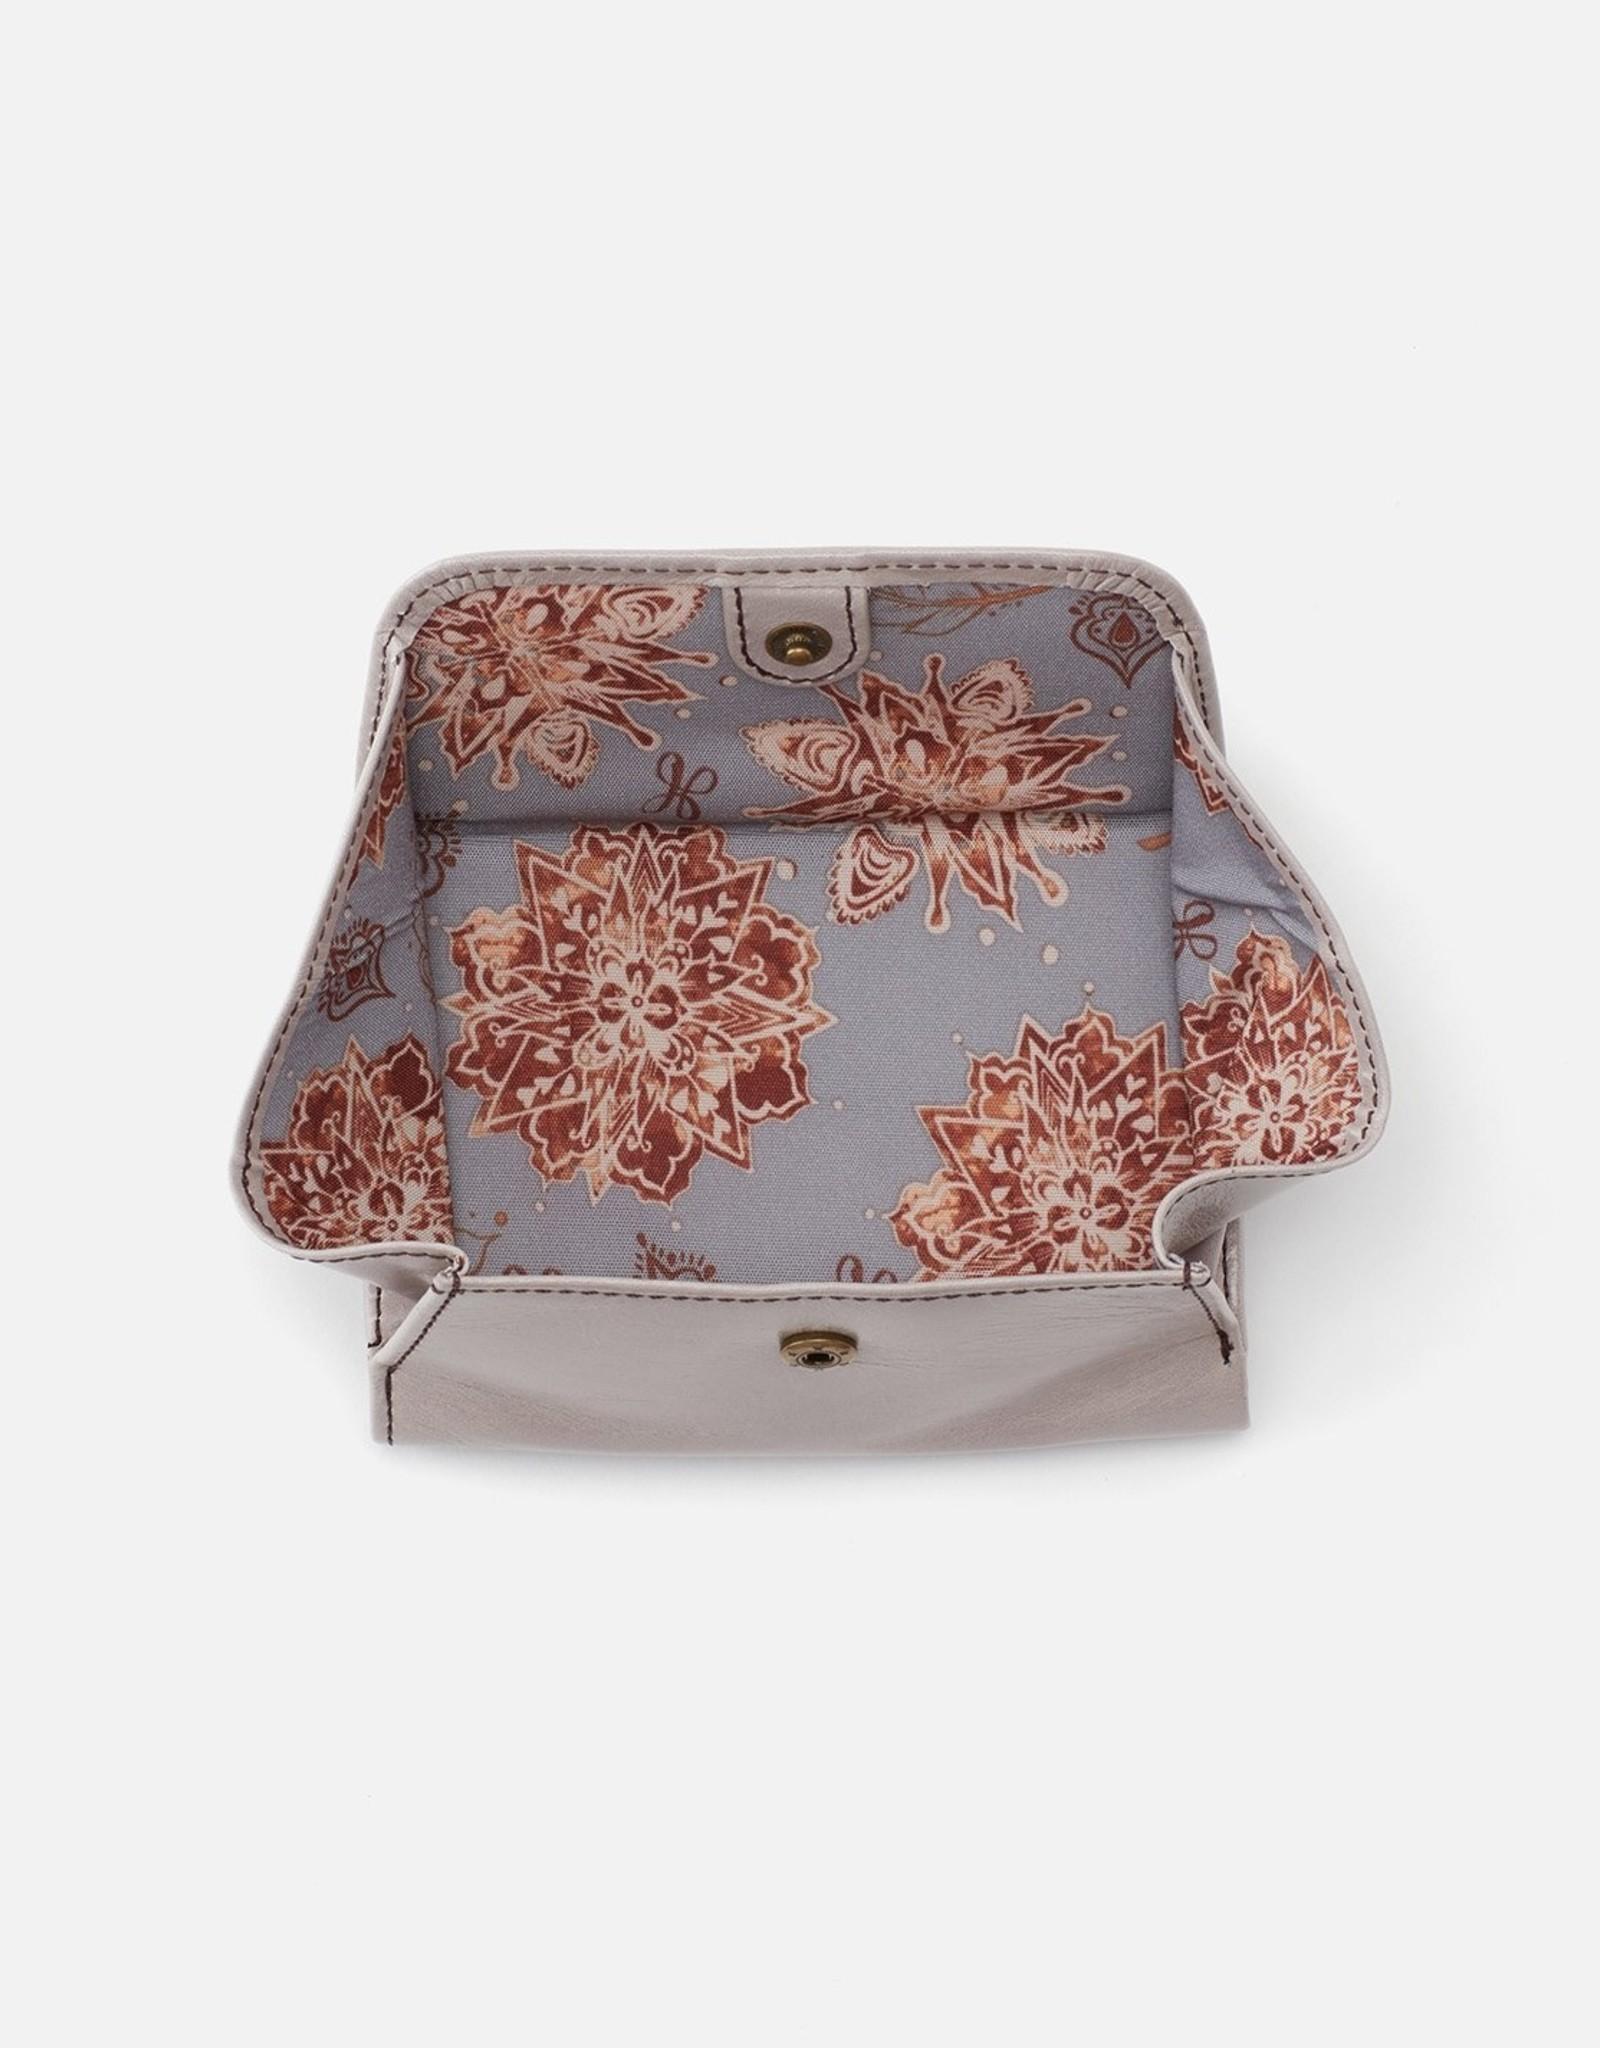 Hobo Change Compact Wallet